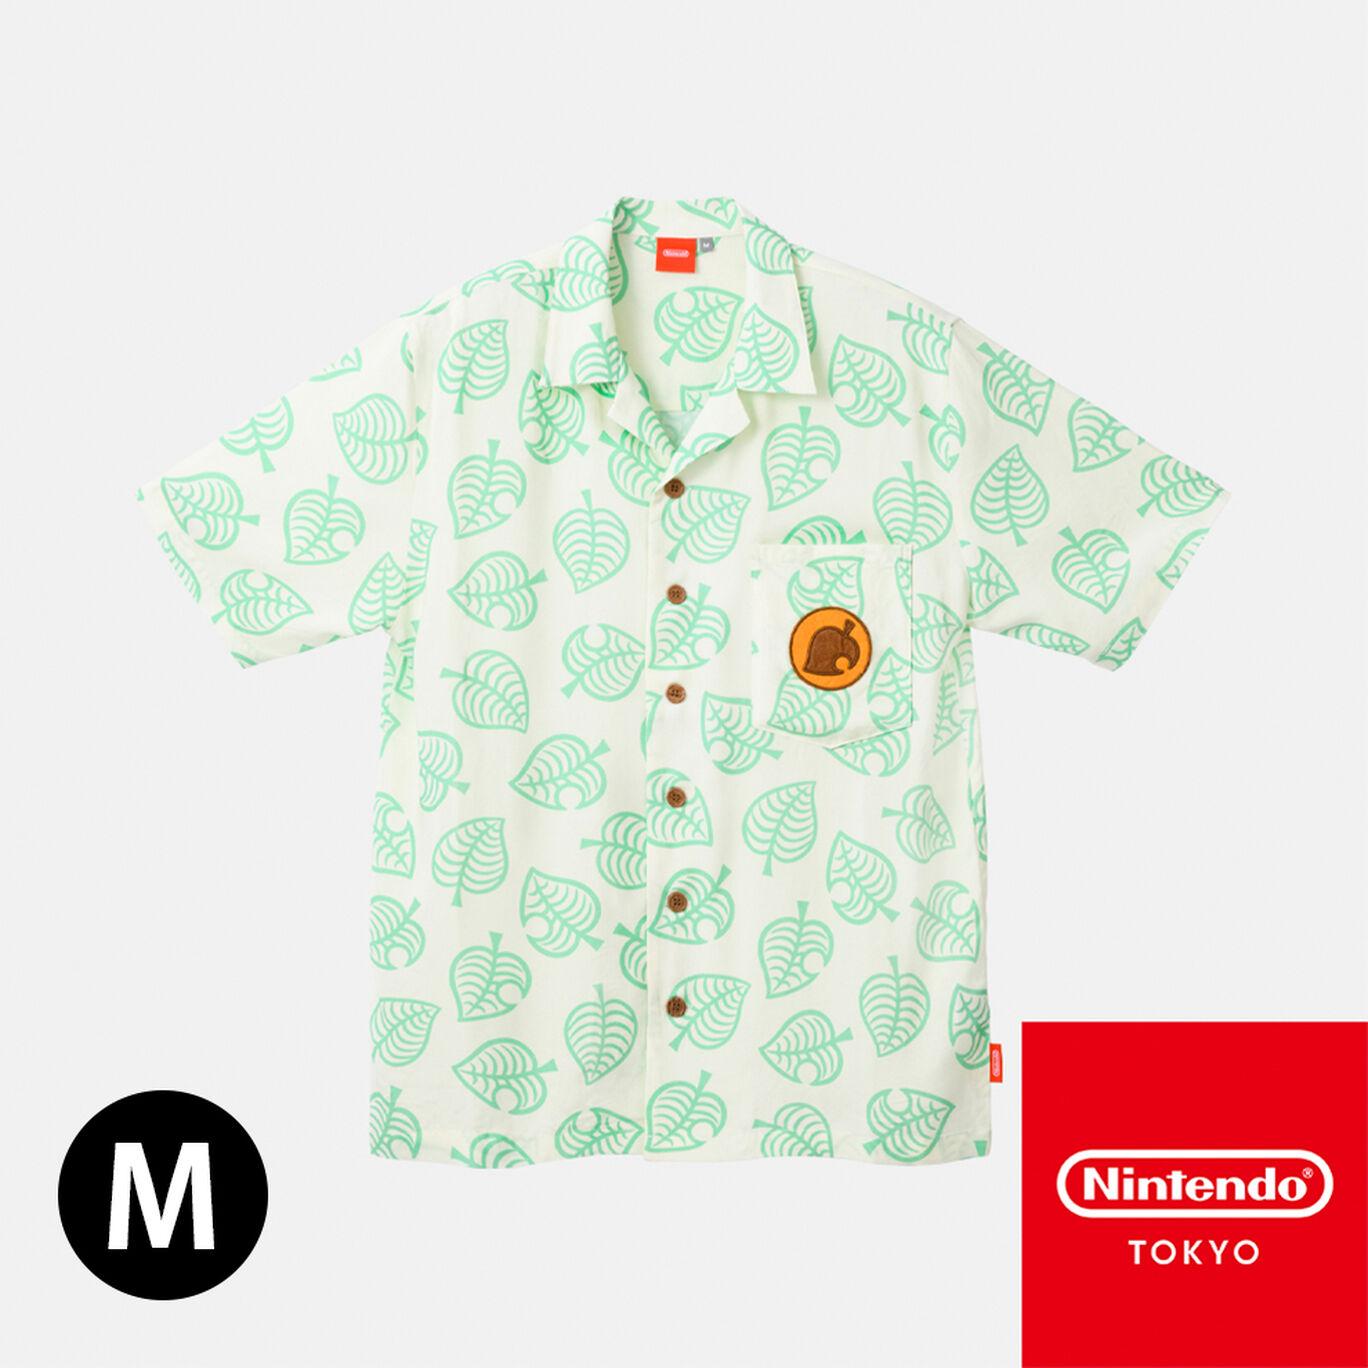 たぬきちのアロハシャツ M あつまれ どうぶつの森【Nintendo TOKYO取り扱い商品】